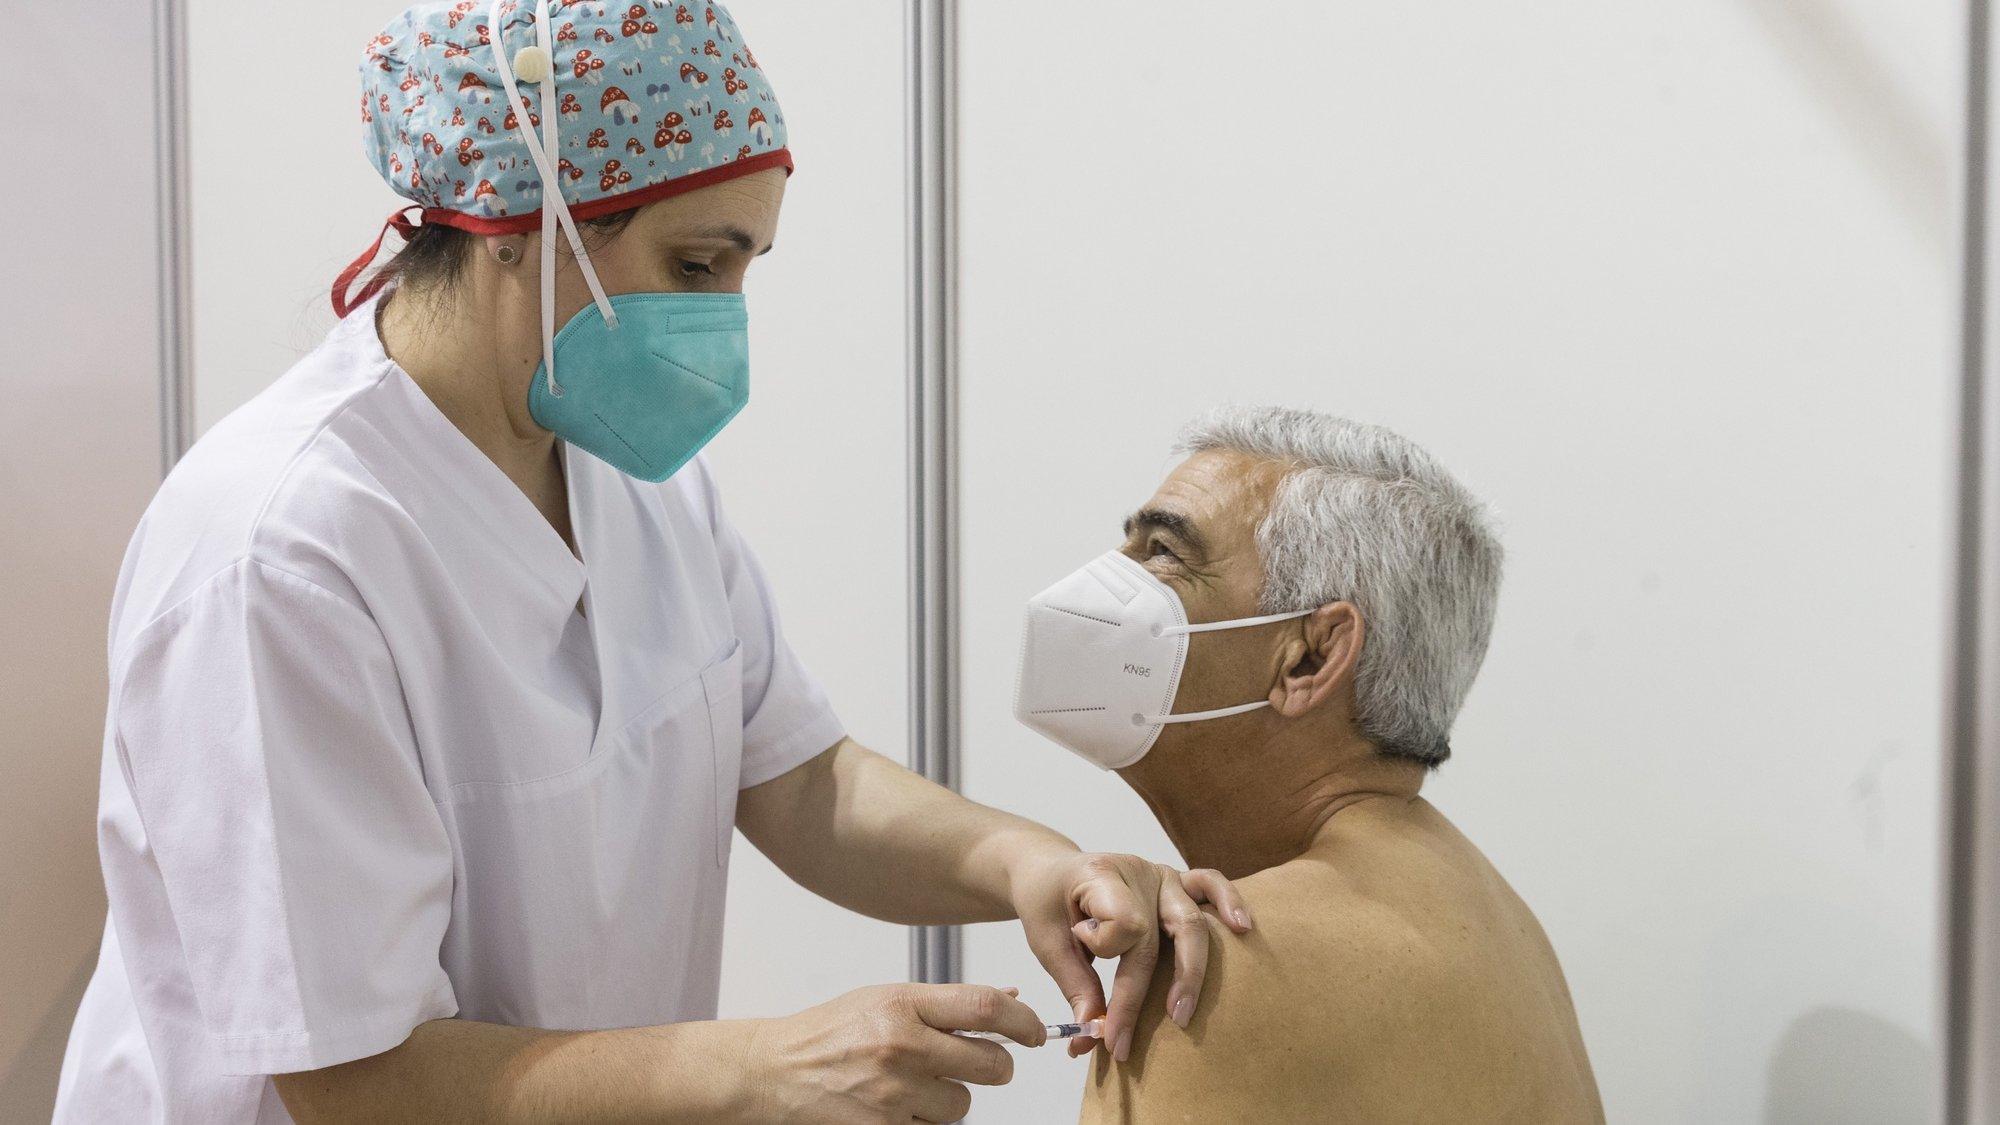 Um idoso é vacinado no Centro de Vacinação Covid 19 CVC-Maia II na Maia, 21 de abril de 2021. JOSÉ COELHO/LUSA